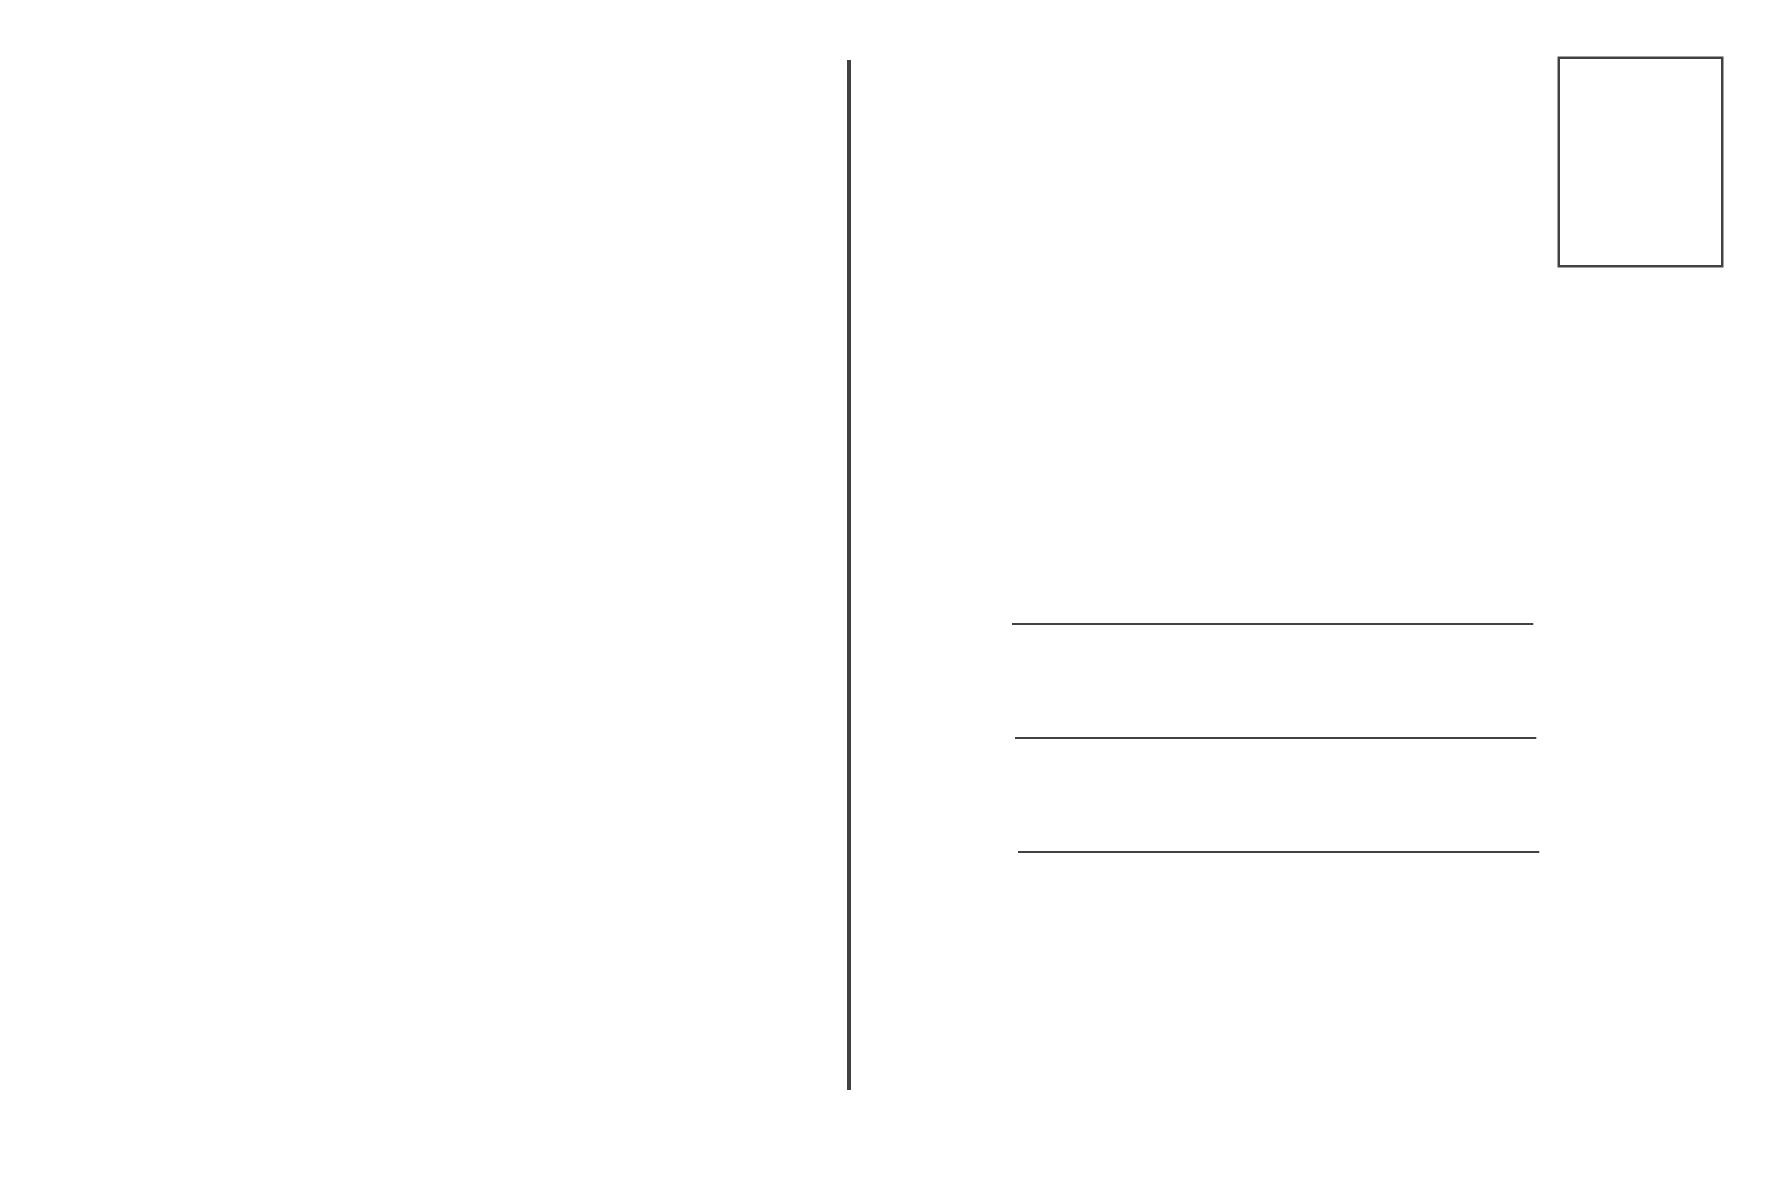 Programm tutorium bildbearbeitung - Blanko postkarten ...